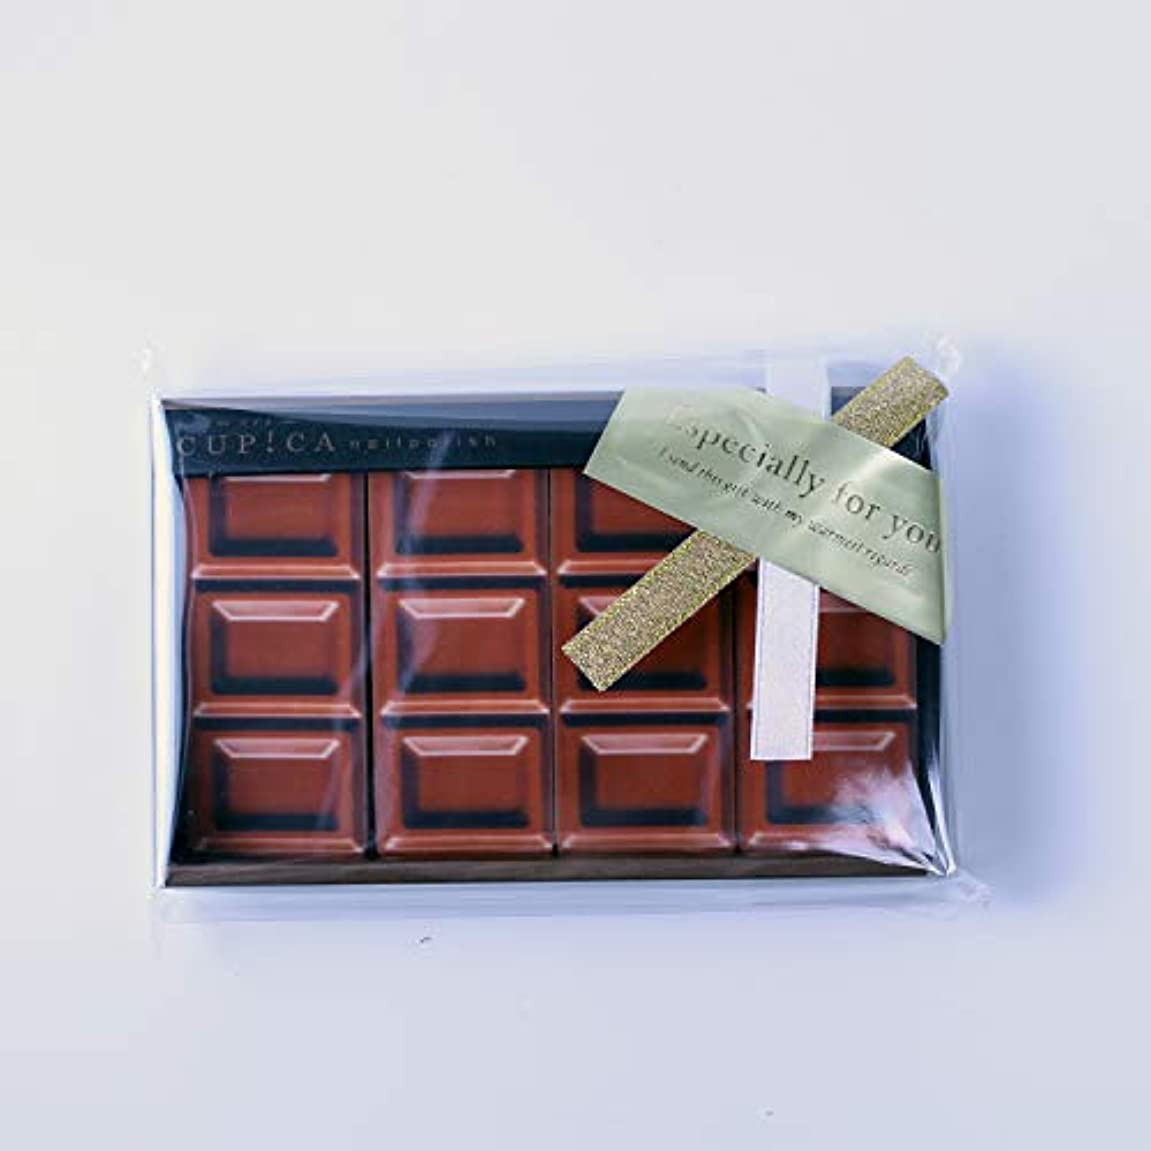 囲い後継防水バレンタイン ホワイトデー ギフト お餞別 チョコのような爪磨き おもしろグッズ アルスキュピカ チョコレート柄 ギフトシール付 クリアケース入